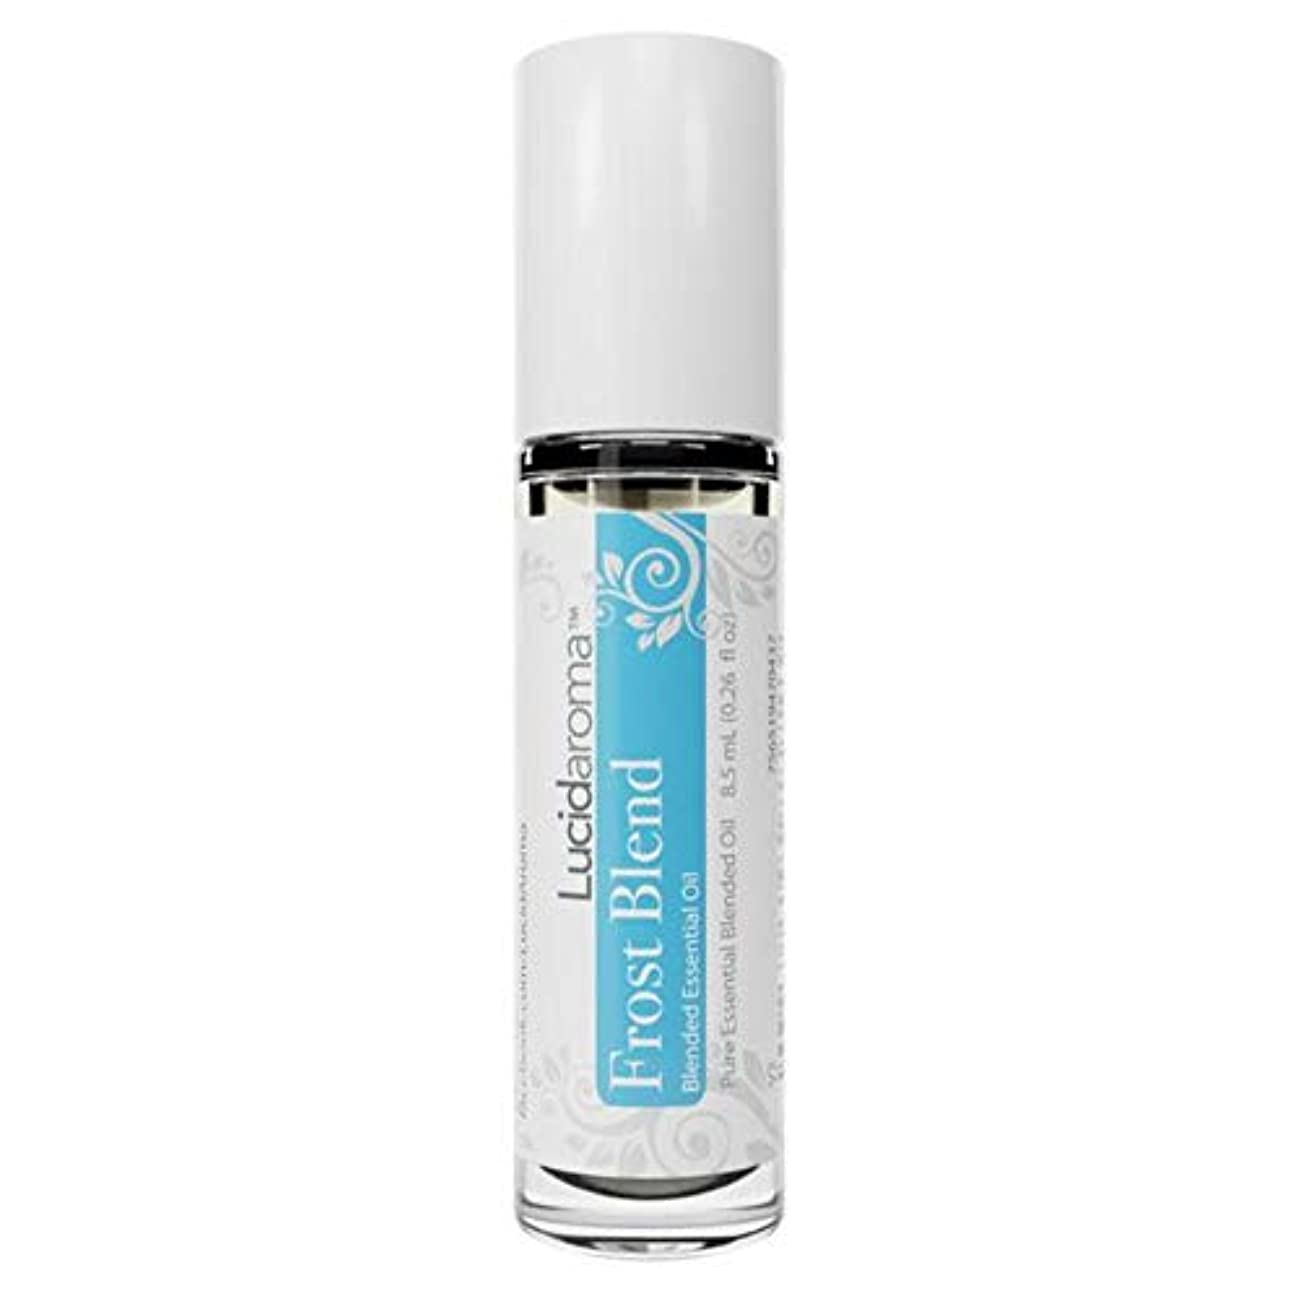 代替とんでもない可塑性Lucid Aroma Frost Blend フロスト ブレンド ロールオン アロマオイル 8.5mL (塗るアロマ) 100%天然 携帯便利 ピュア エッセンシャル アメリカ製